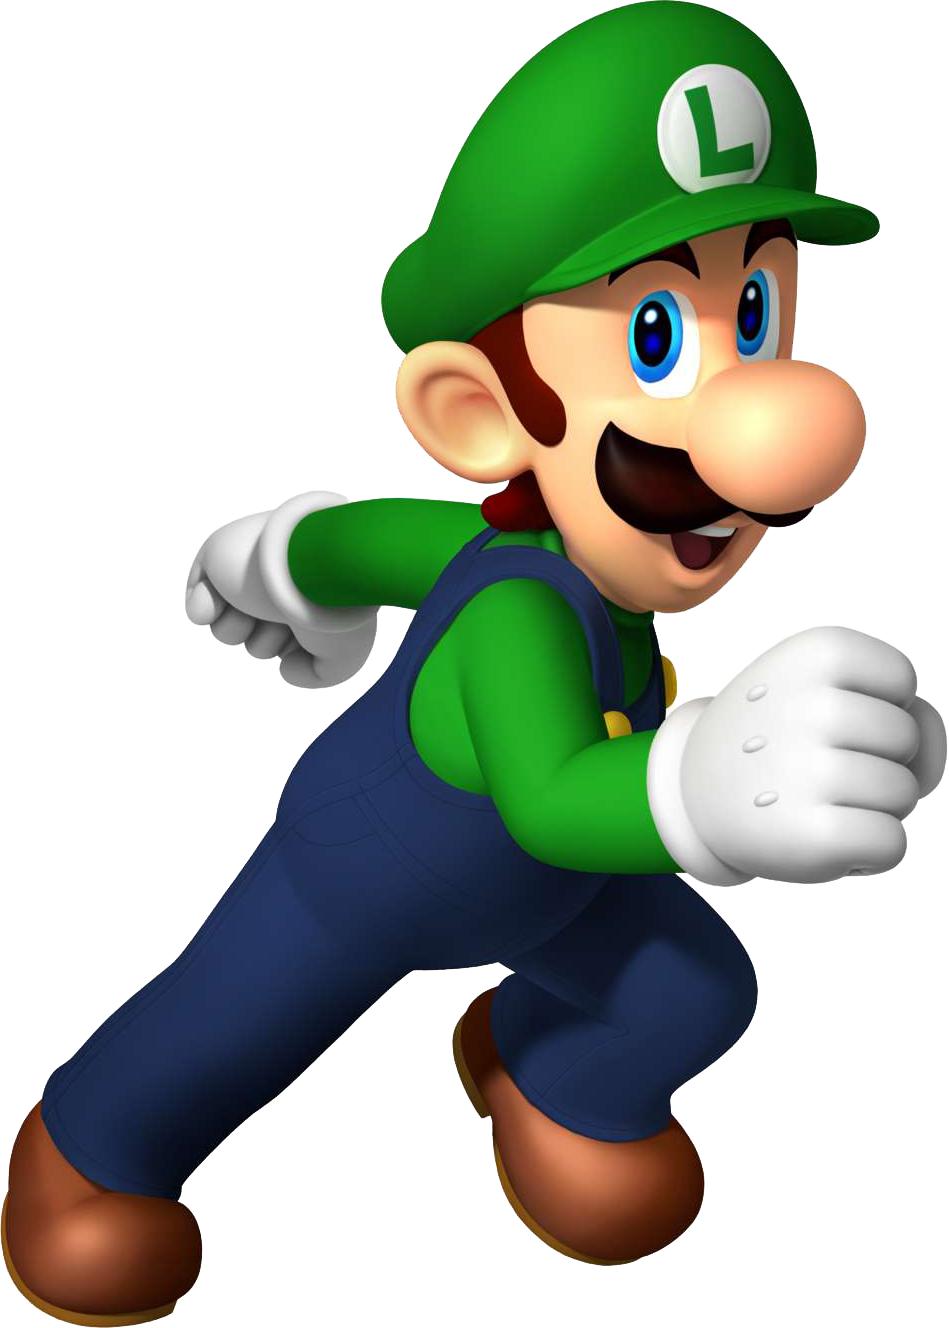 Super naluigi bros fantendo nintendo fanon wiki - Luigi mario party ...